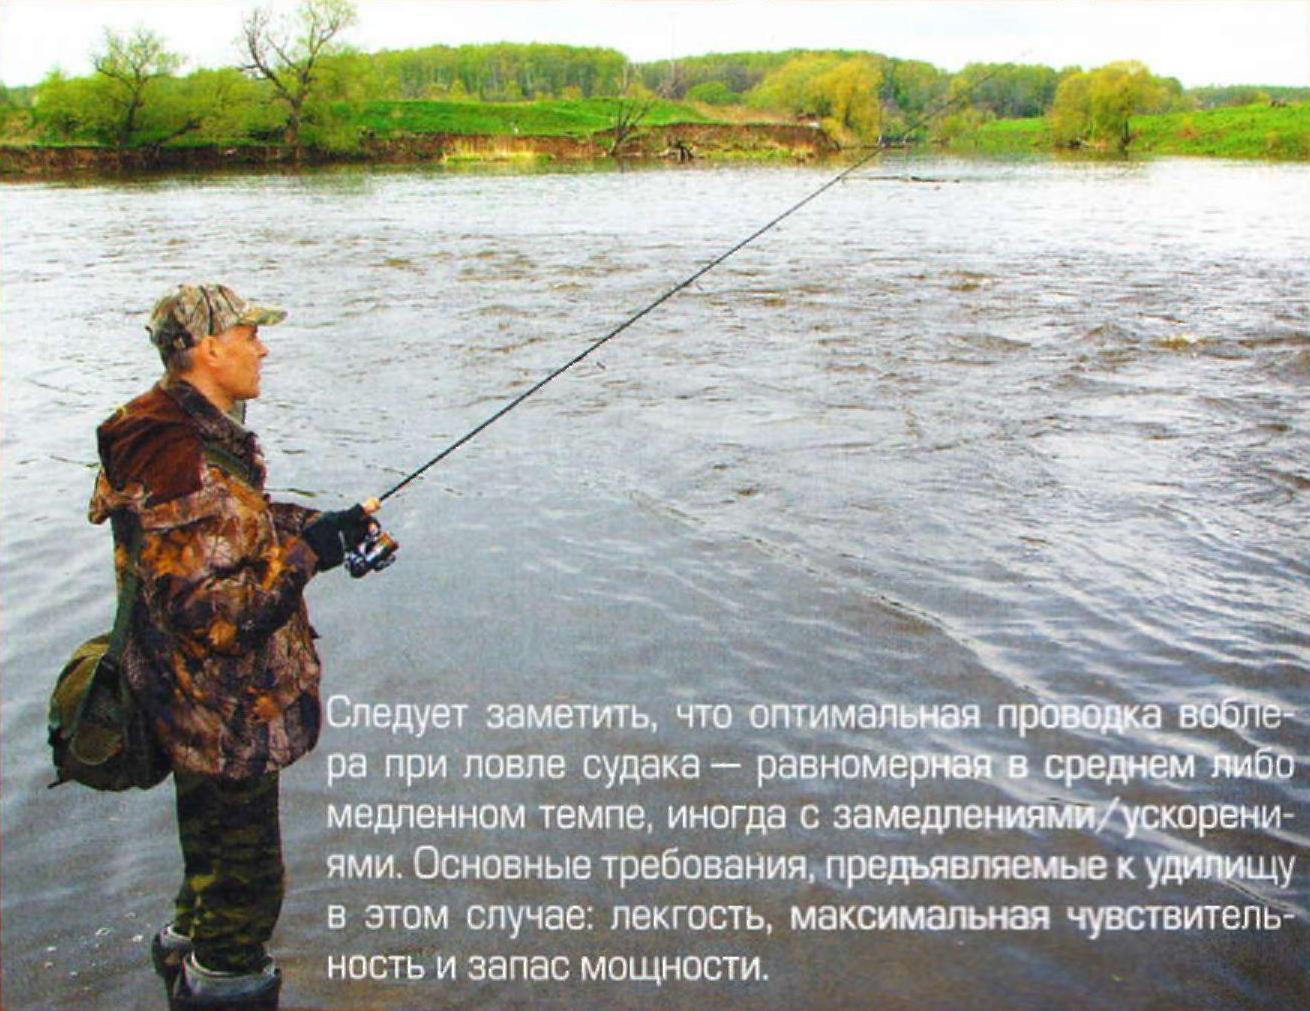 лучший спиннинг для ловли судака